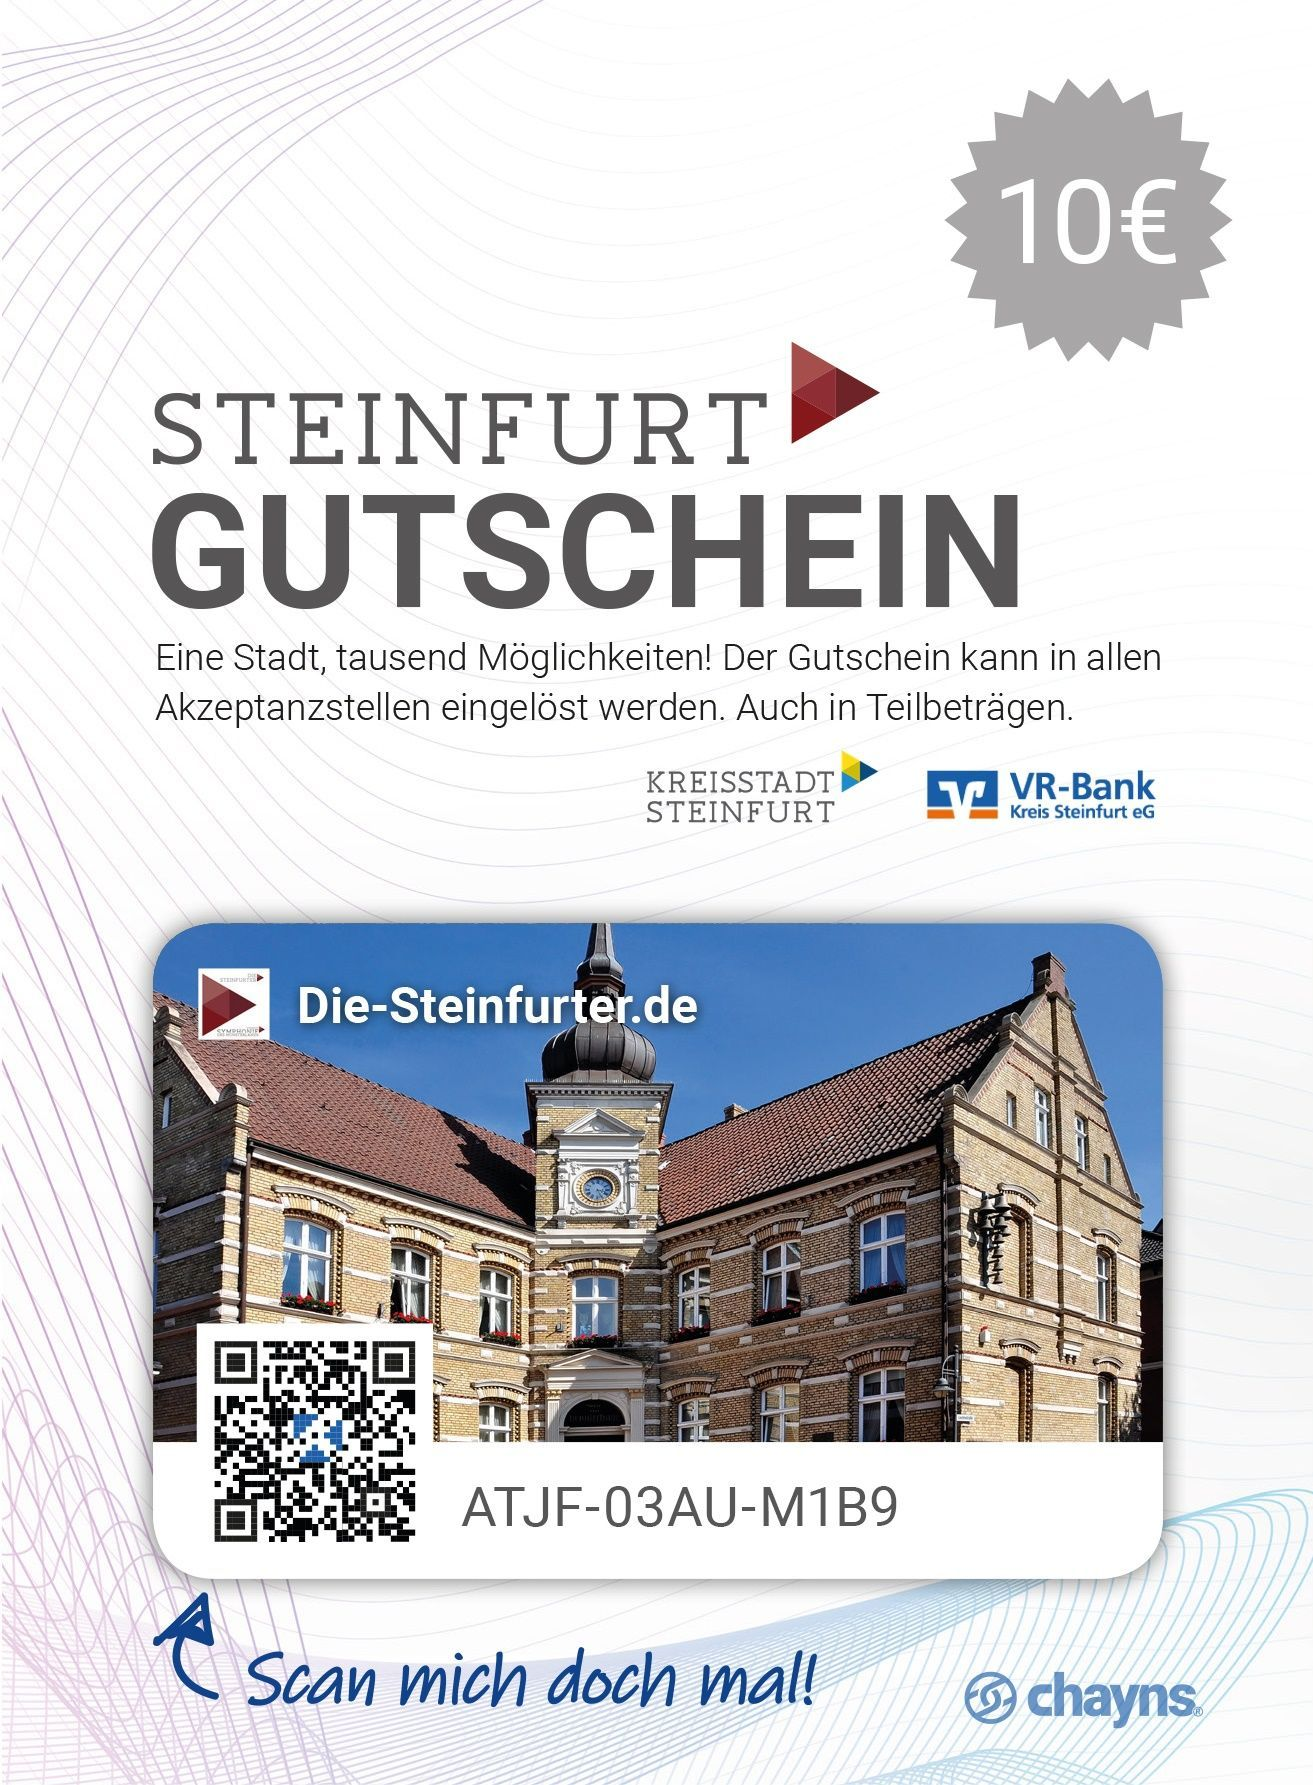 Willkommen bei DIE STEINFURTER | Die Steinfurter